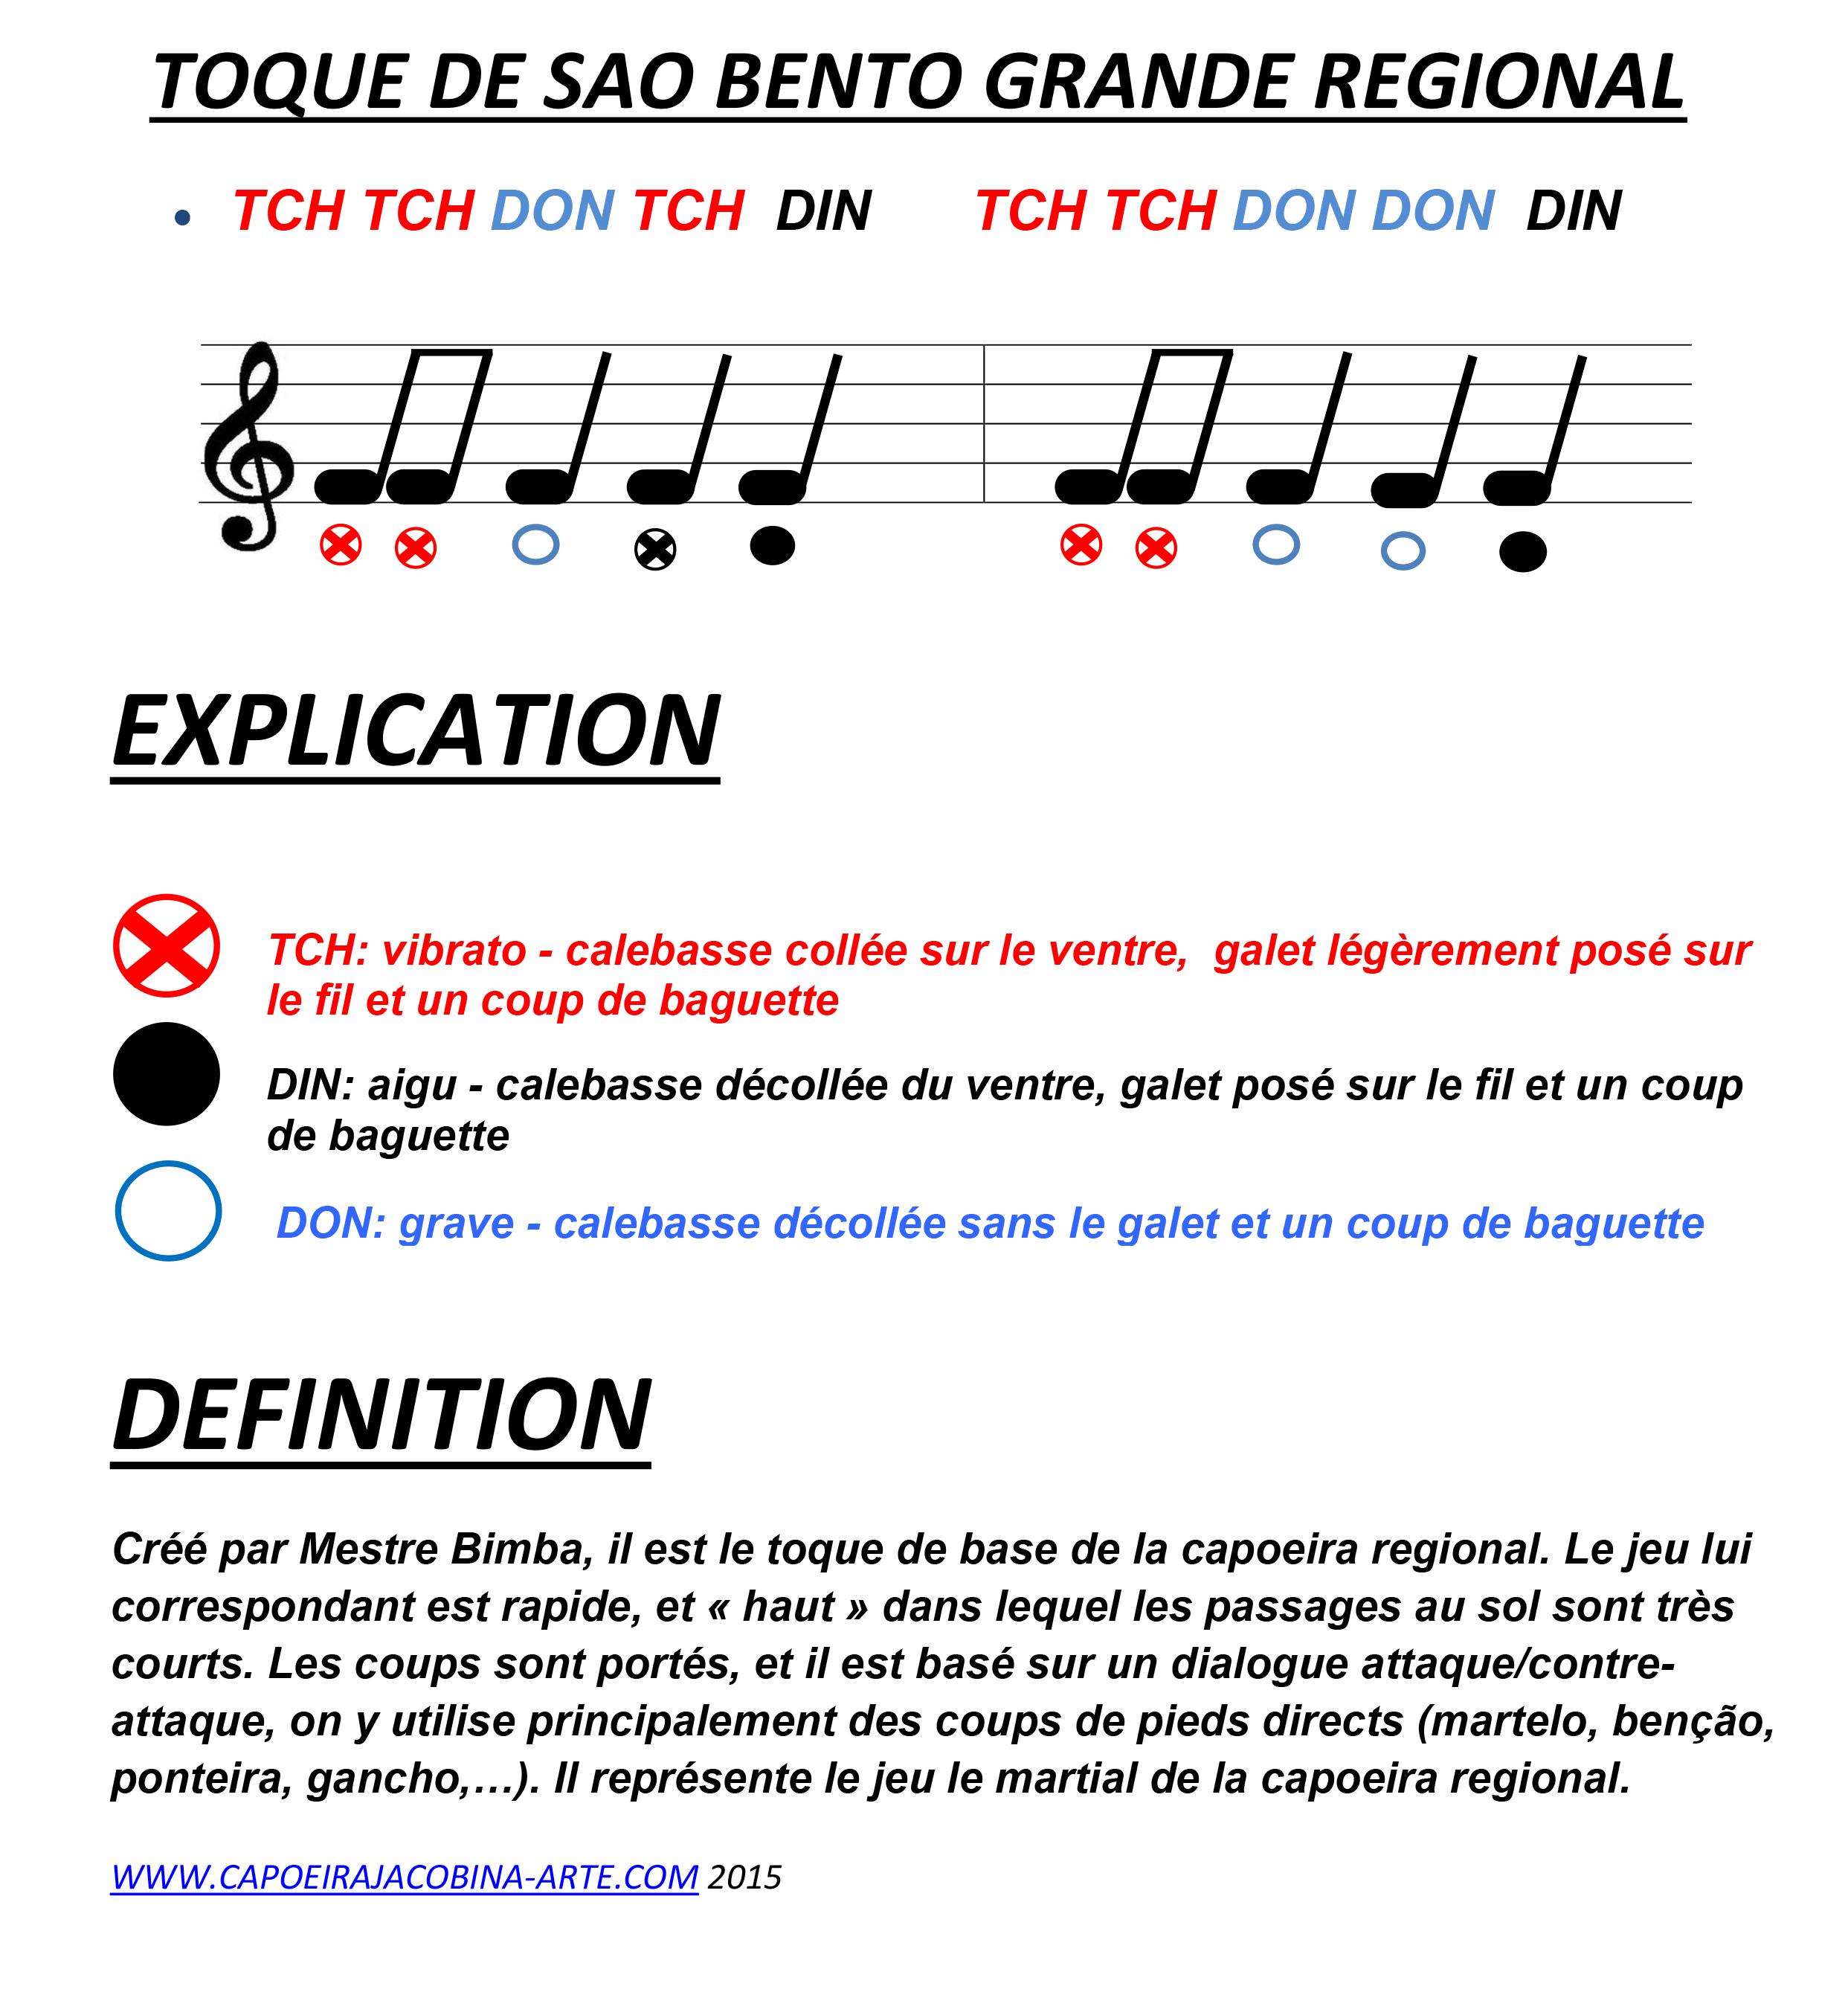 TOQUE DE SAO BENTO GRANDE REGIONAL